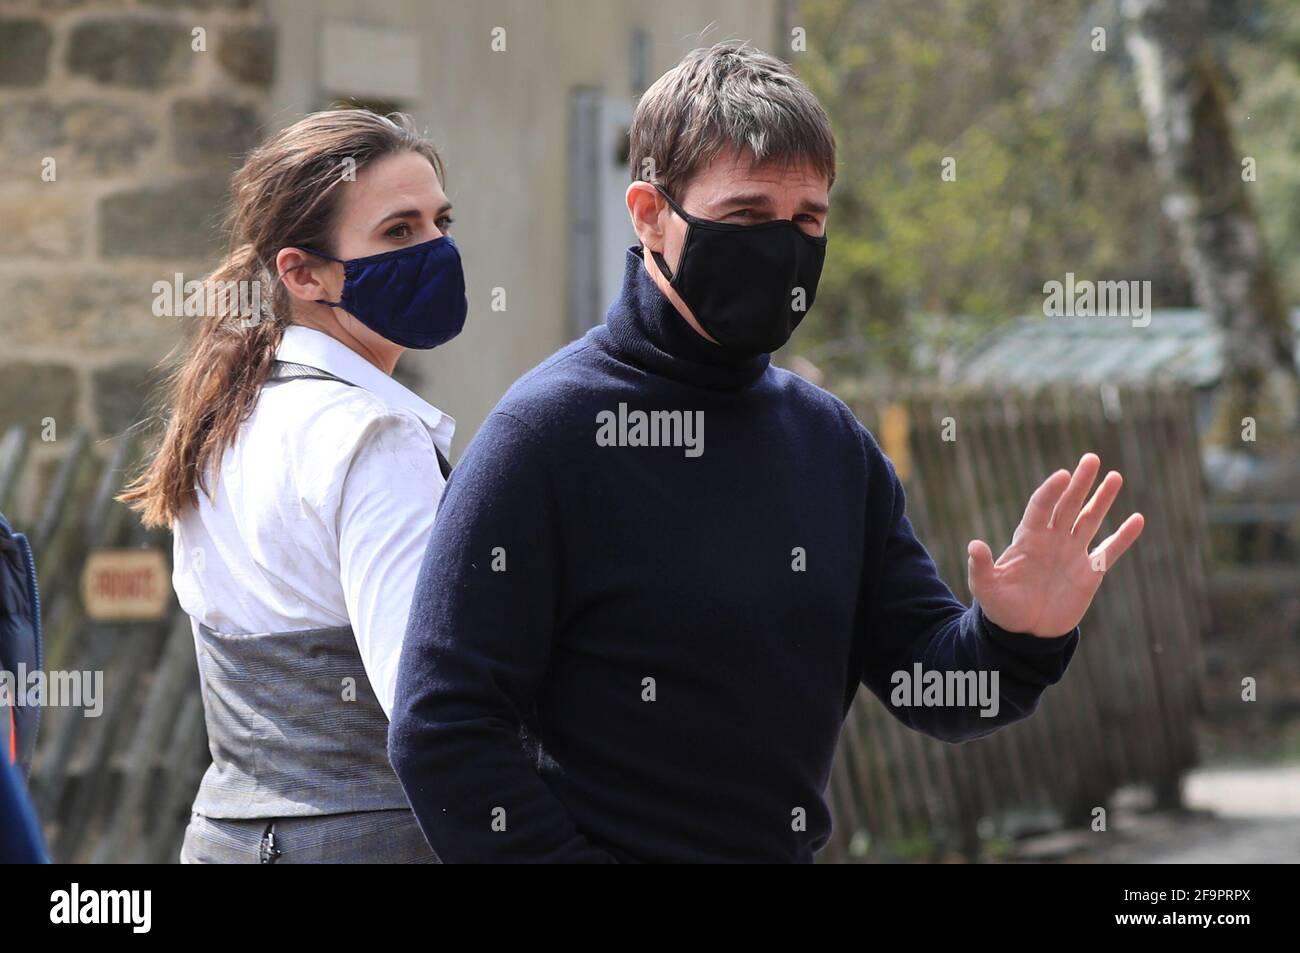 El actor Tom Cruise onlookers mientras camina hasta el conjunto de su último proyecto, que está filmando en los laterales de la estación de tren en el pueblo de Levisham en los moros de North York. Fecha de la foto: Martes 20 de abril de 2021. Foto de stock